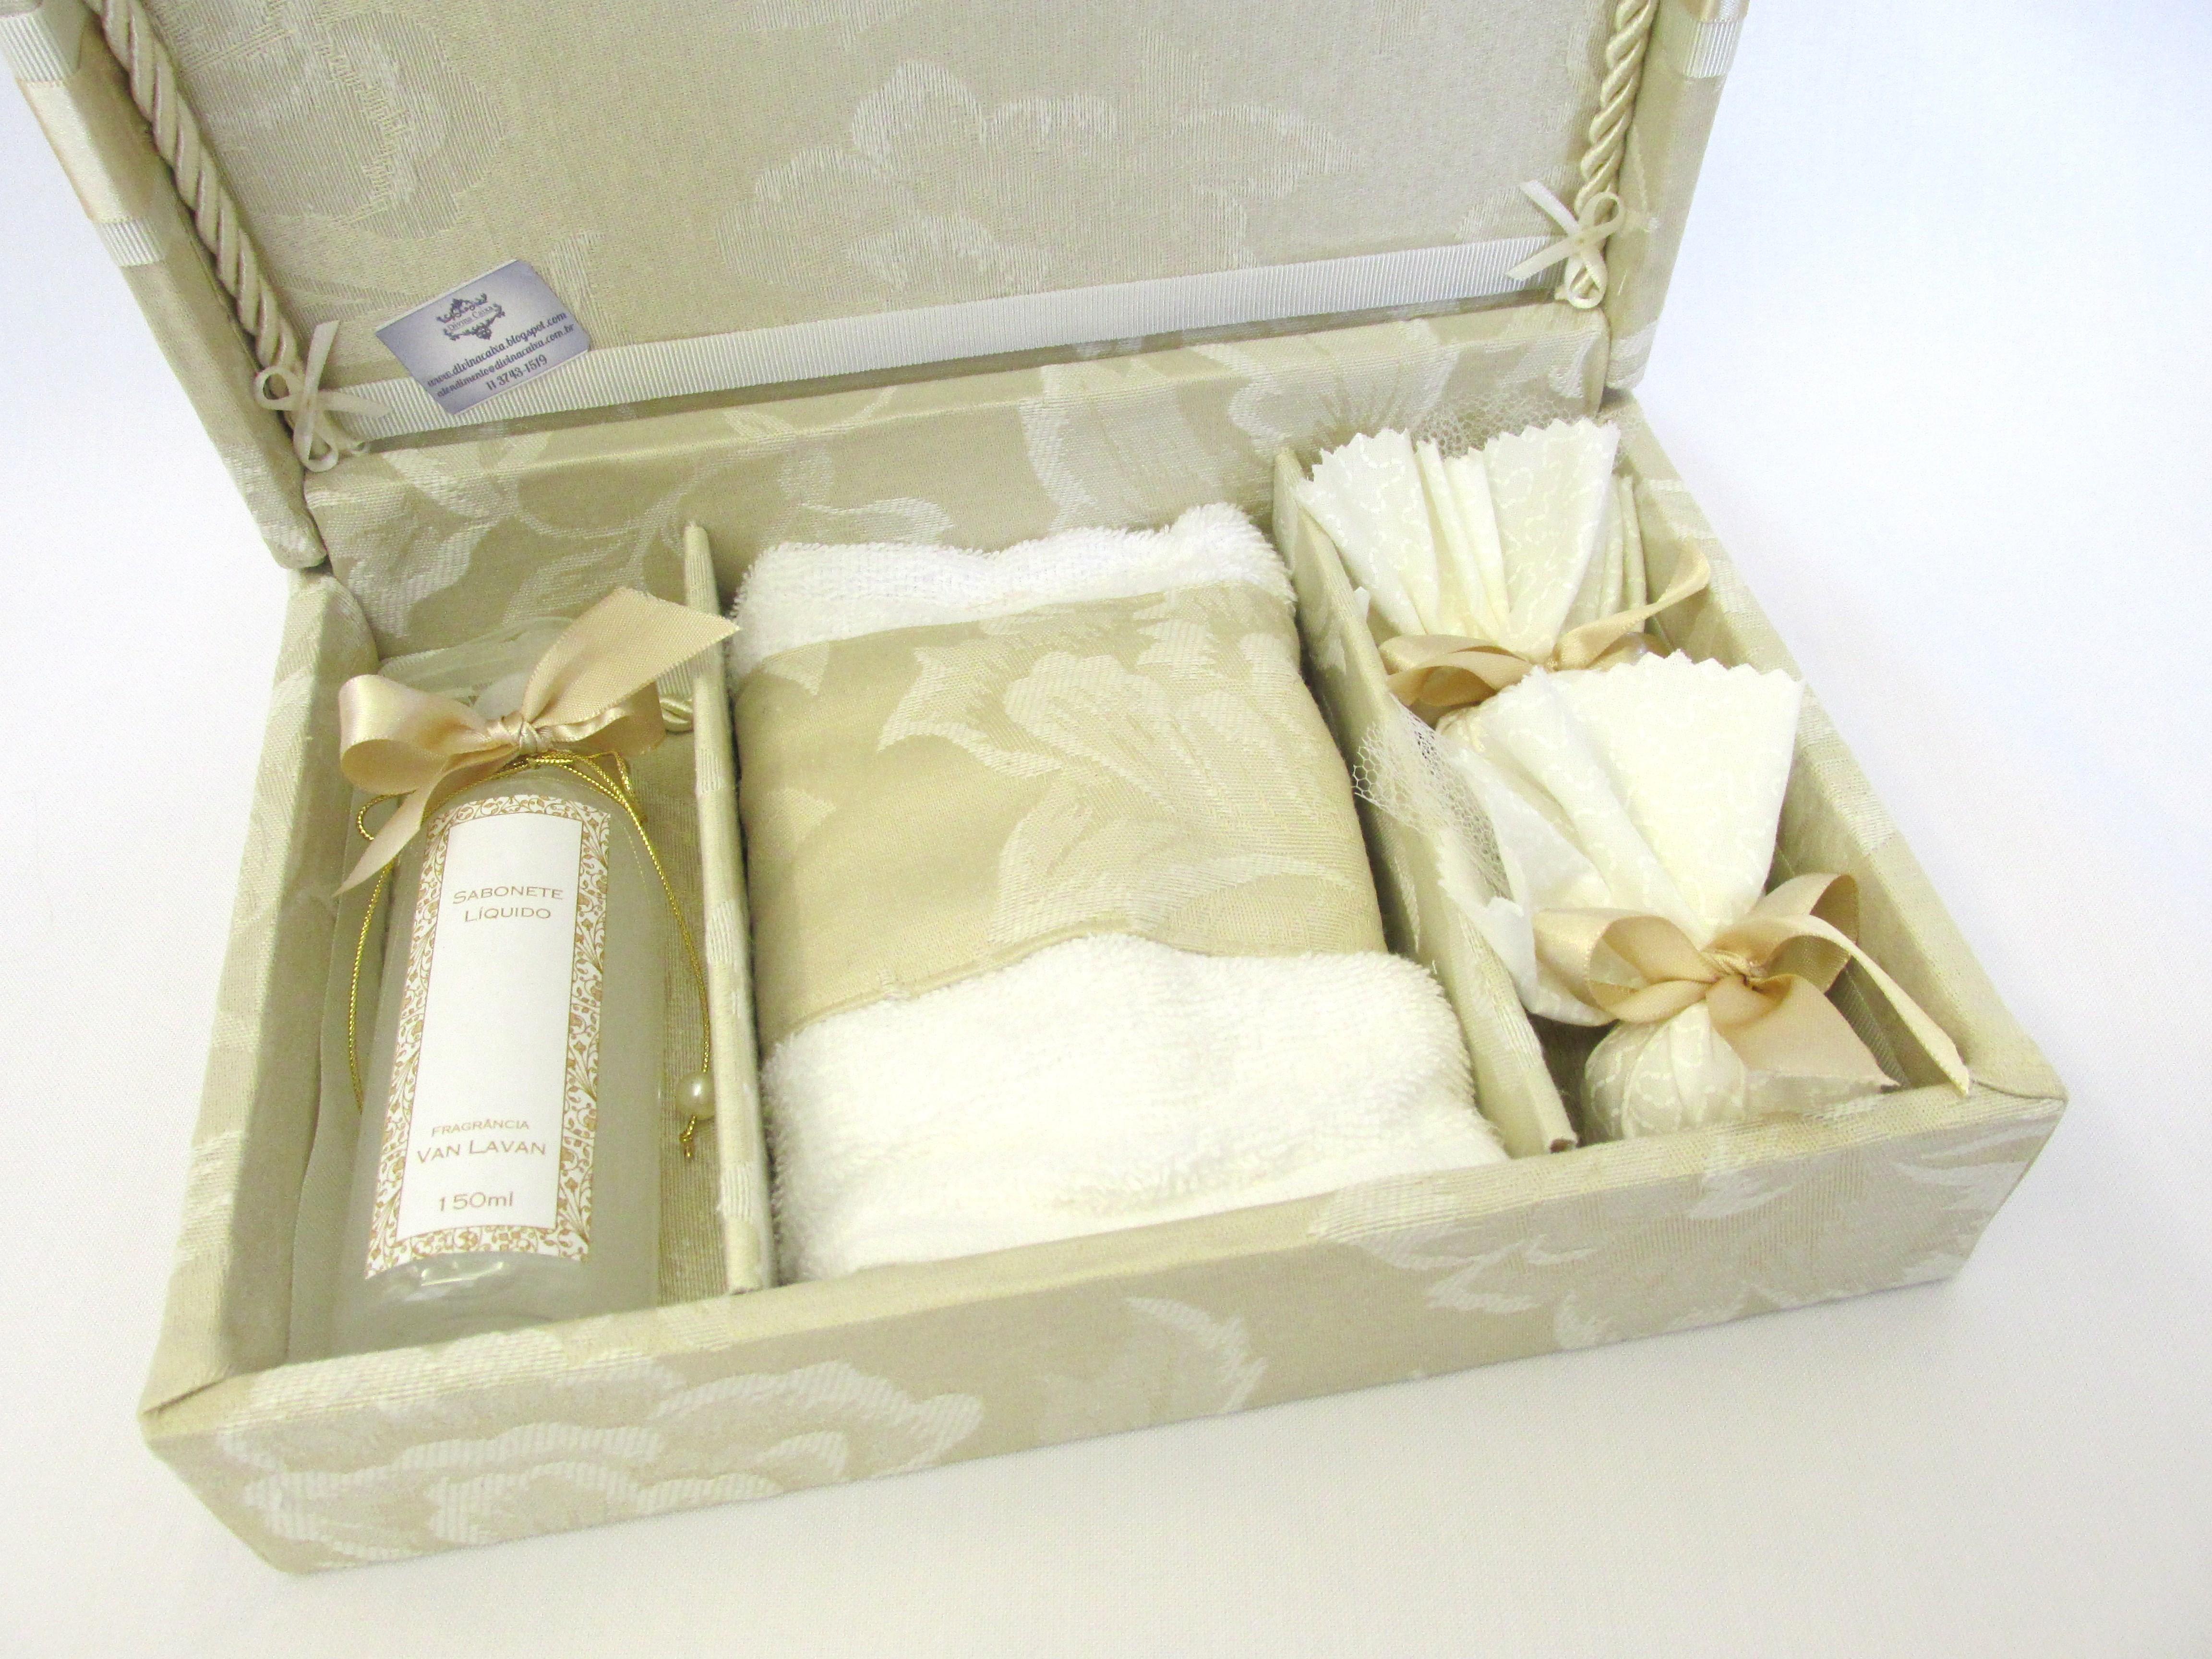 caixa kit lavabo lembranca padrinhos kit #8E793D 4608 3456